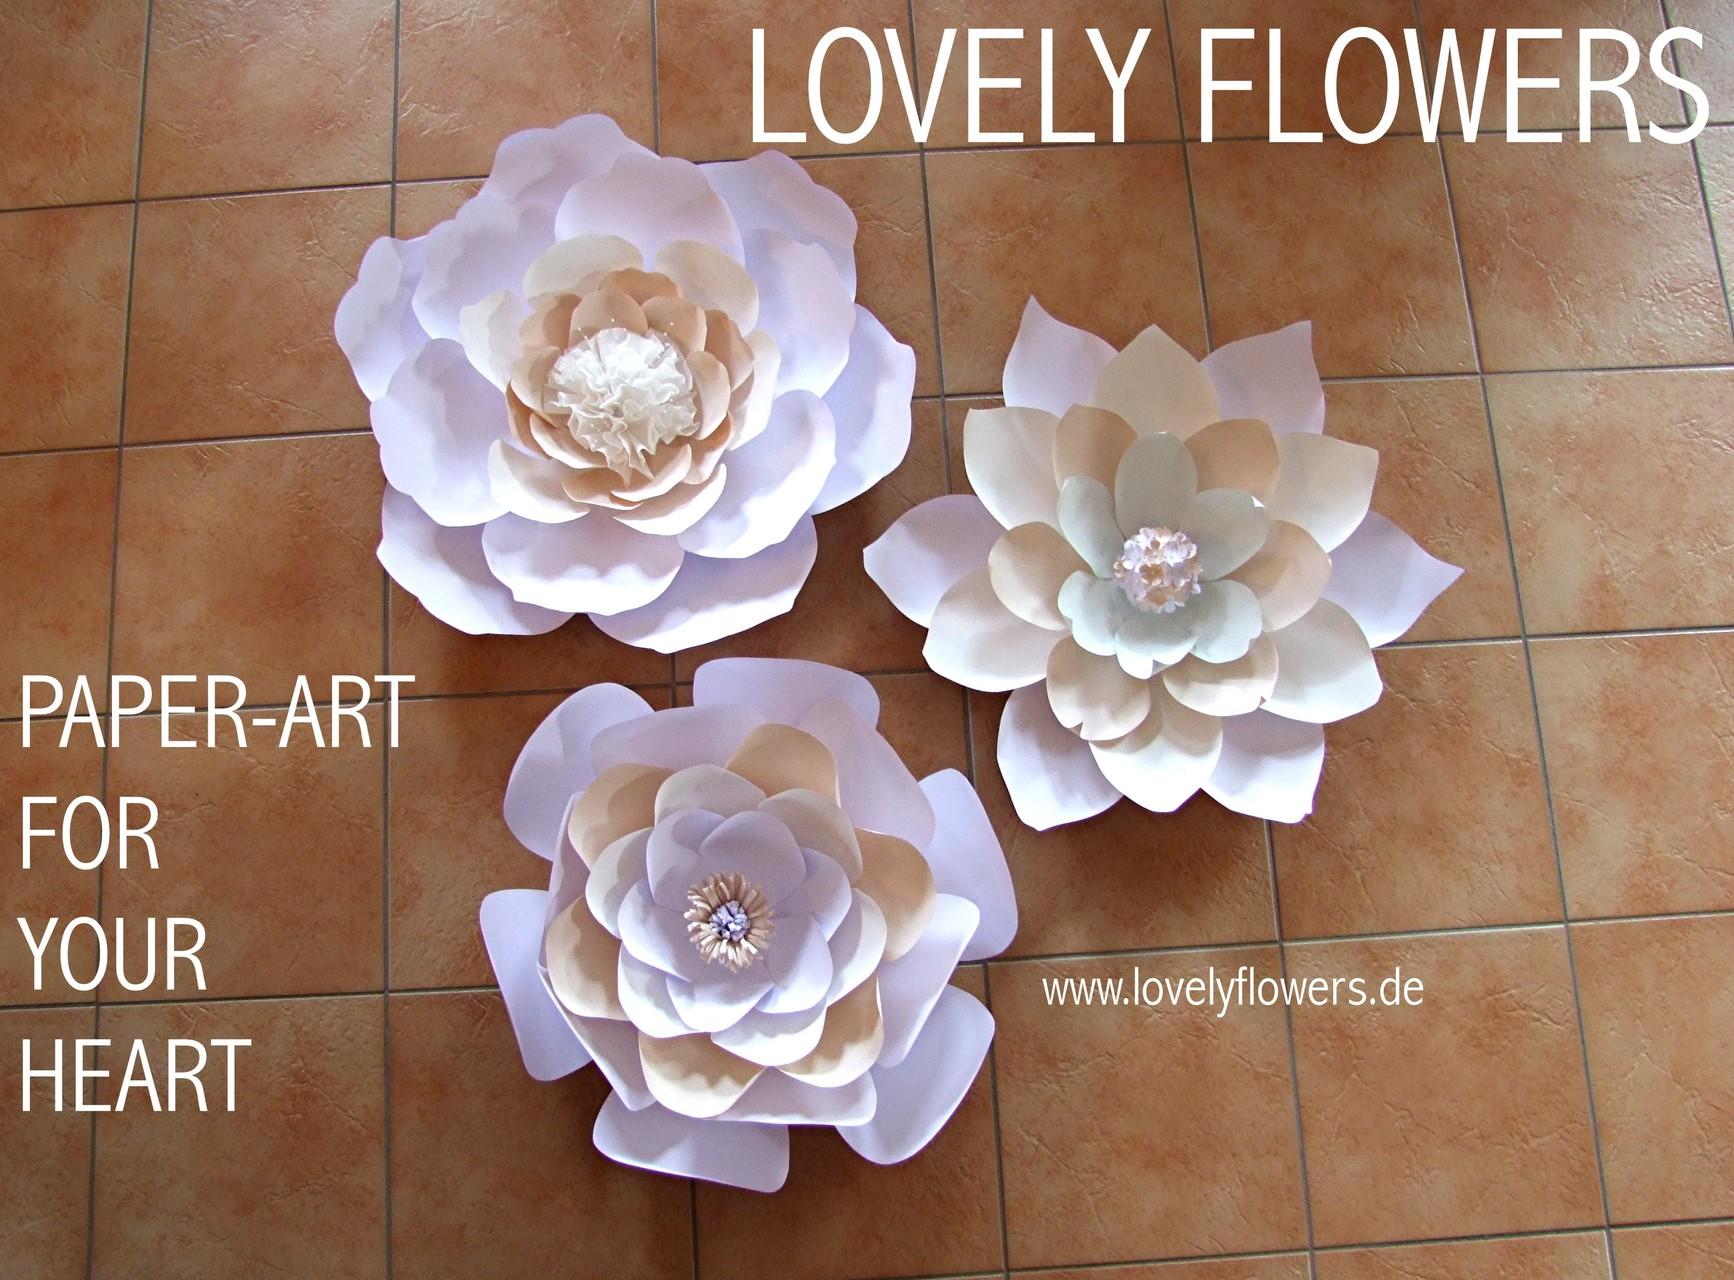 www.lovelyflowers.de - Dein Spezialist für PAPER-ART Großblumendekorationen!